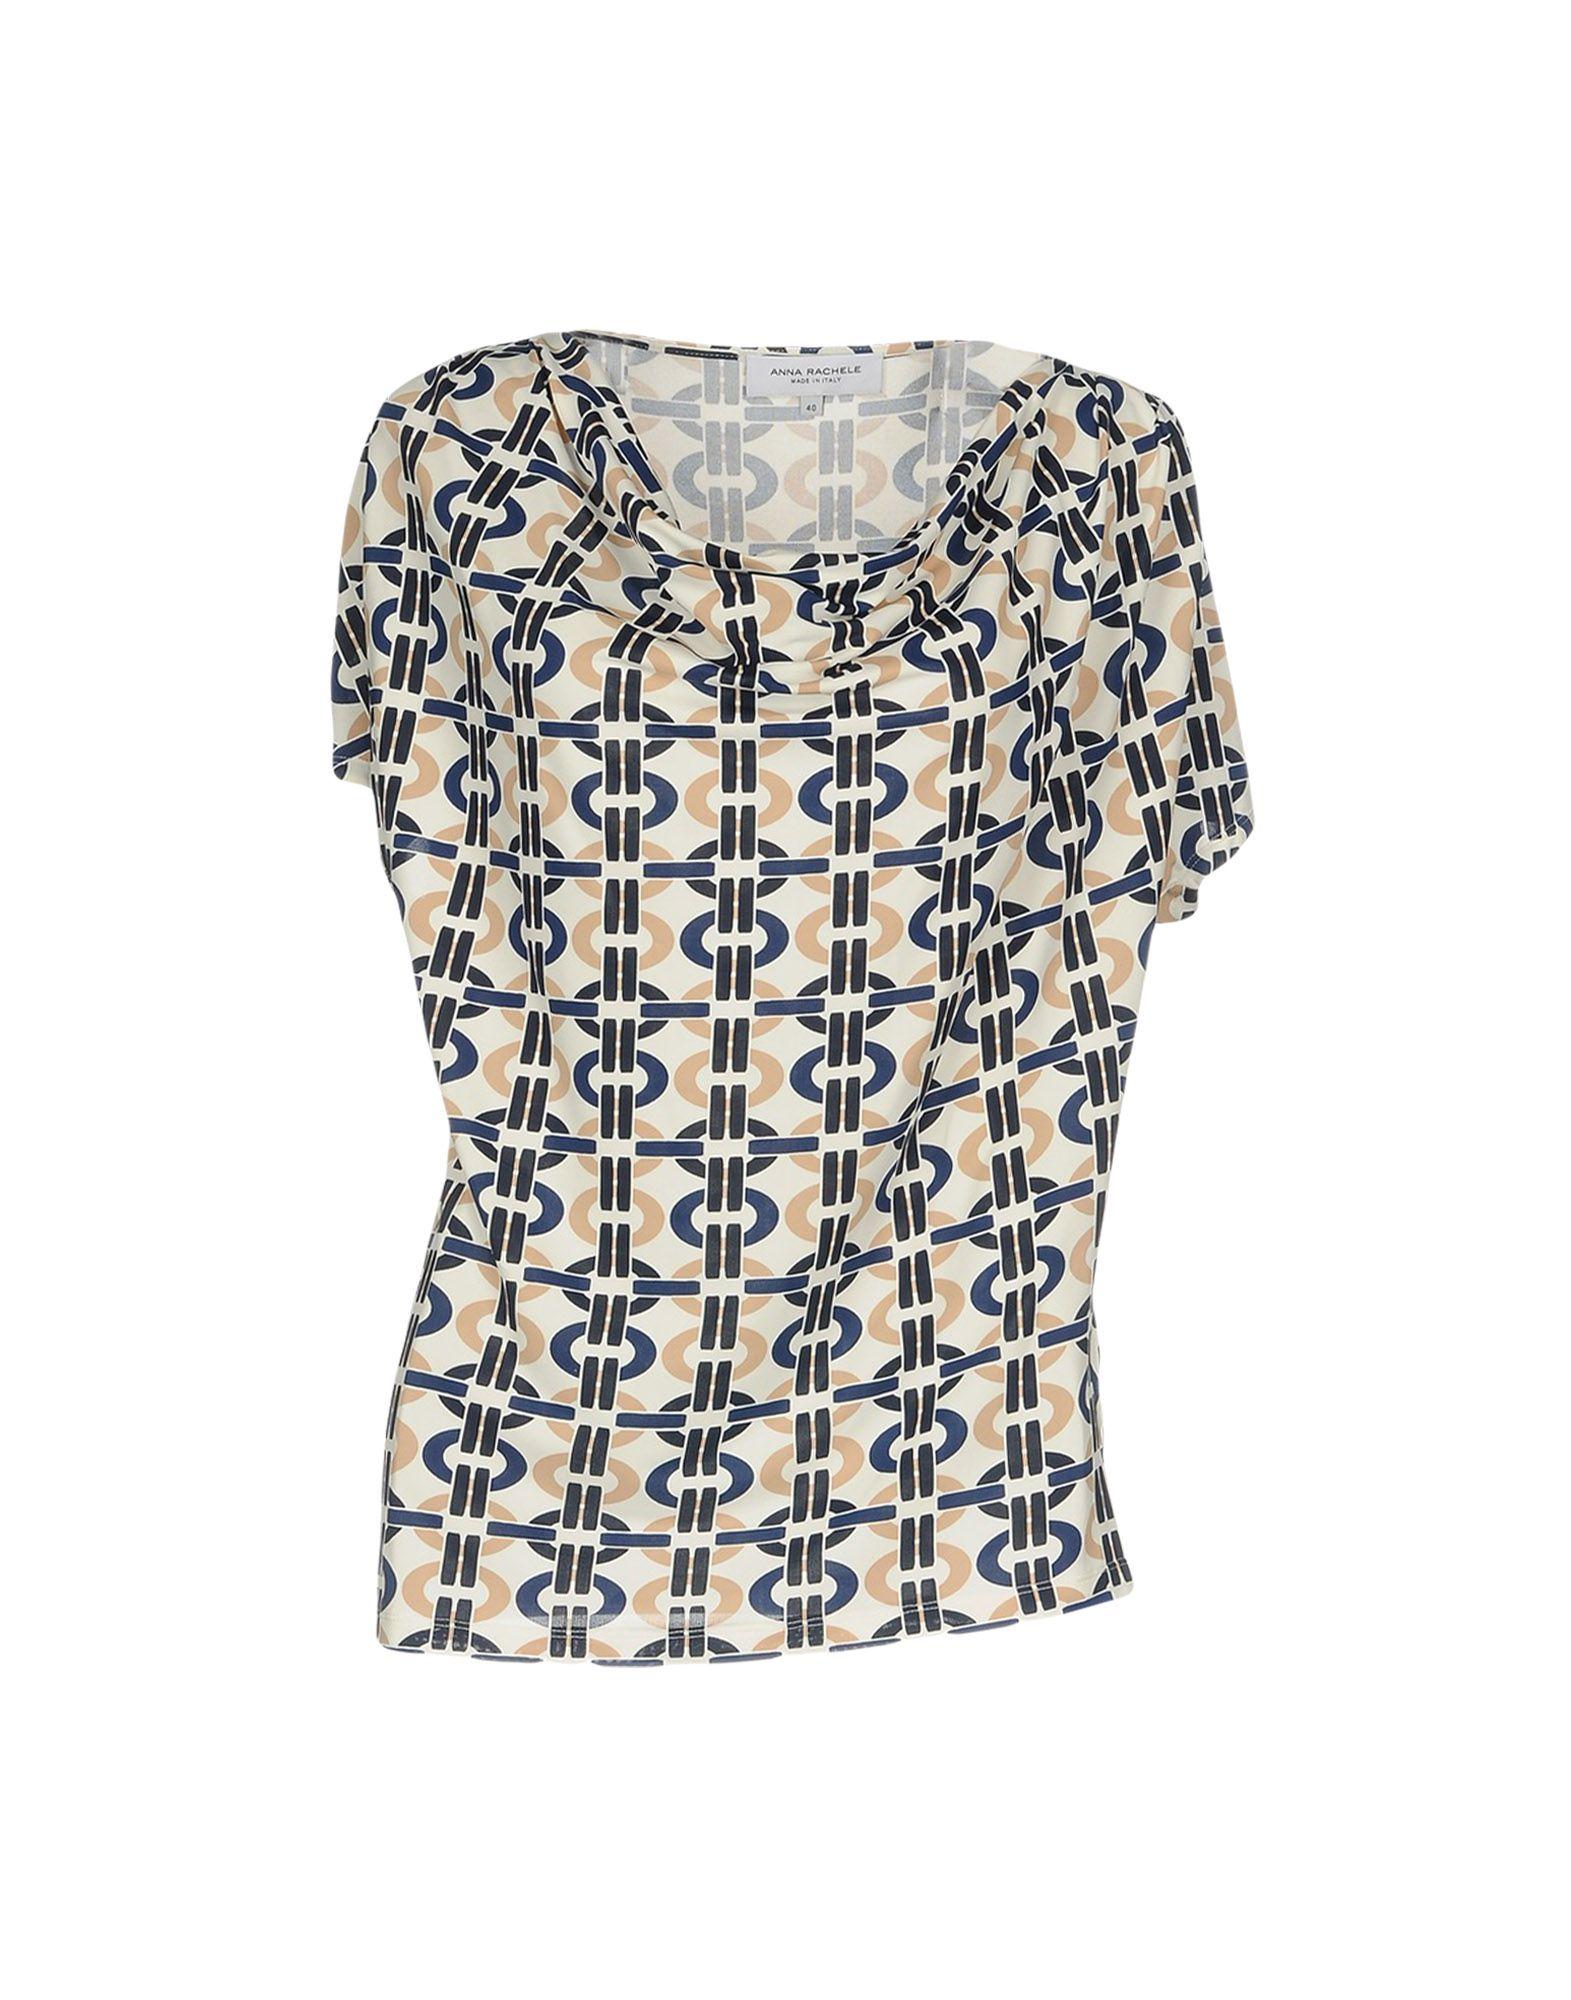 ANNA RACHELE Damen T-shirts Farbe Elfenbein Größe 3